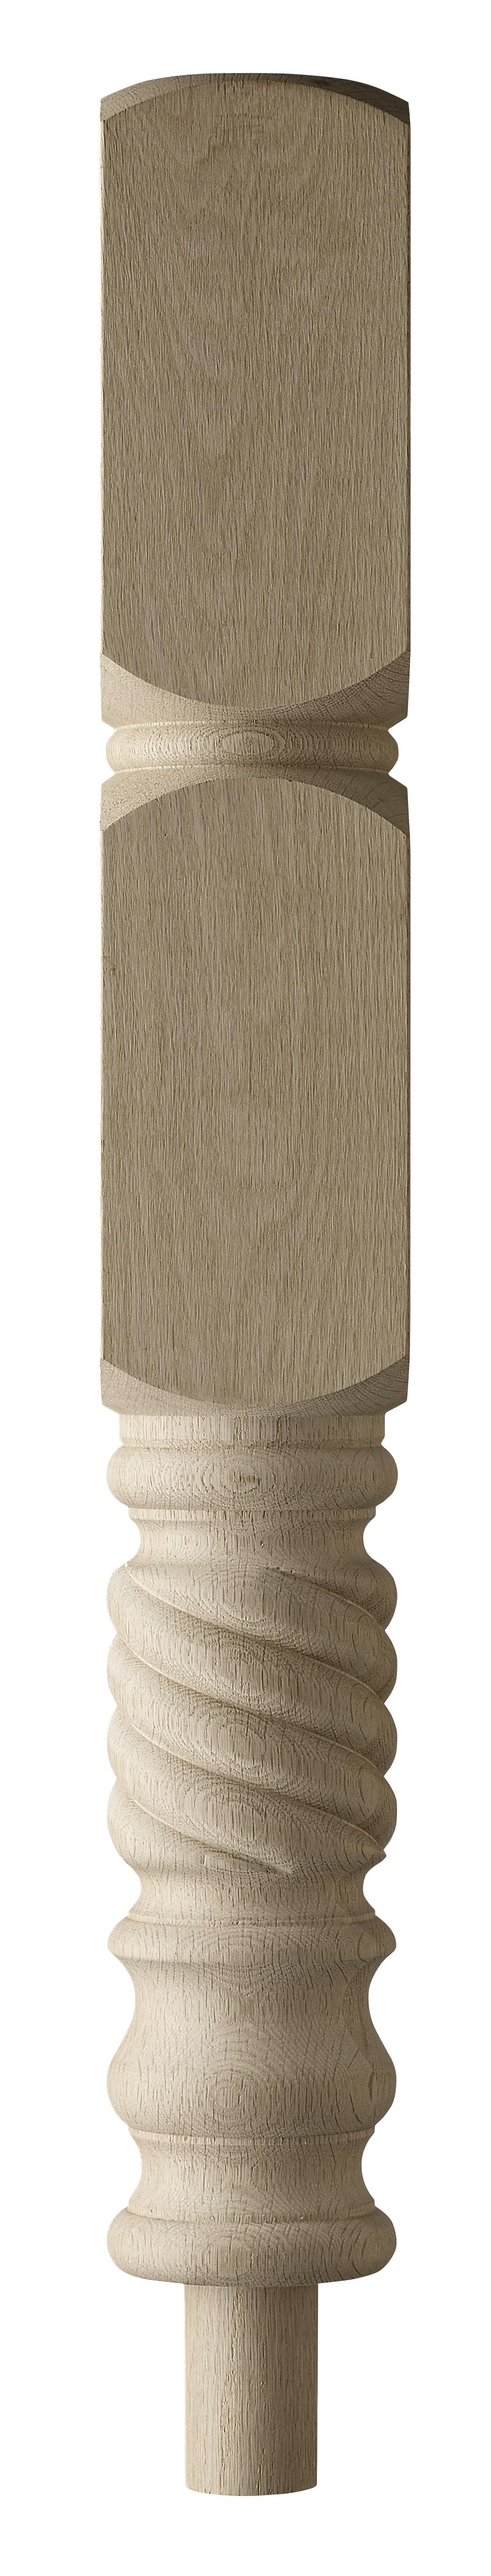 1 Oak Forston Intermediate Newel